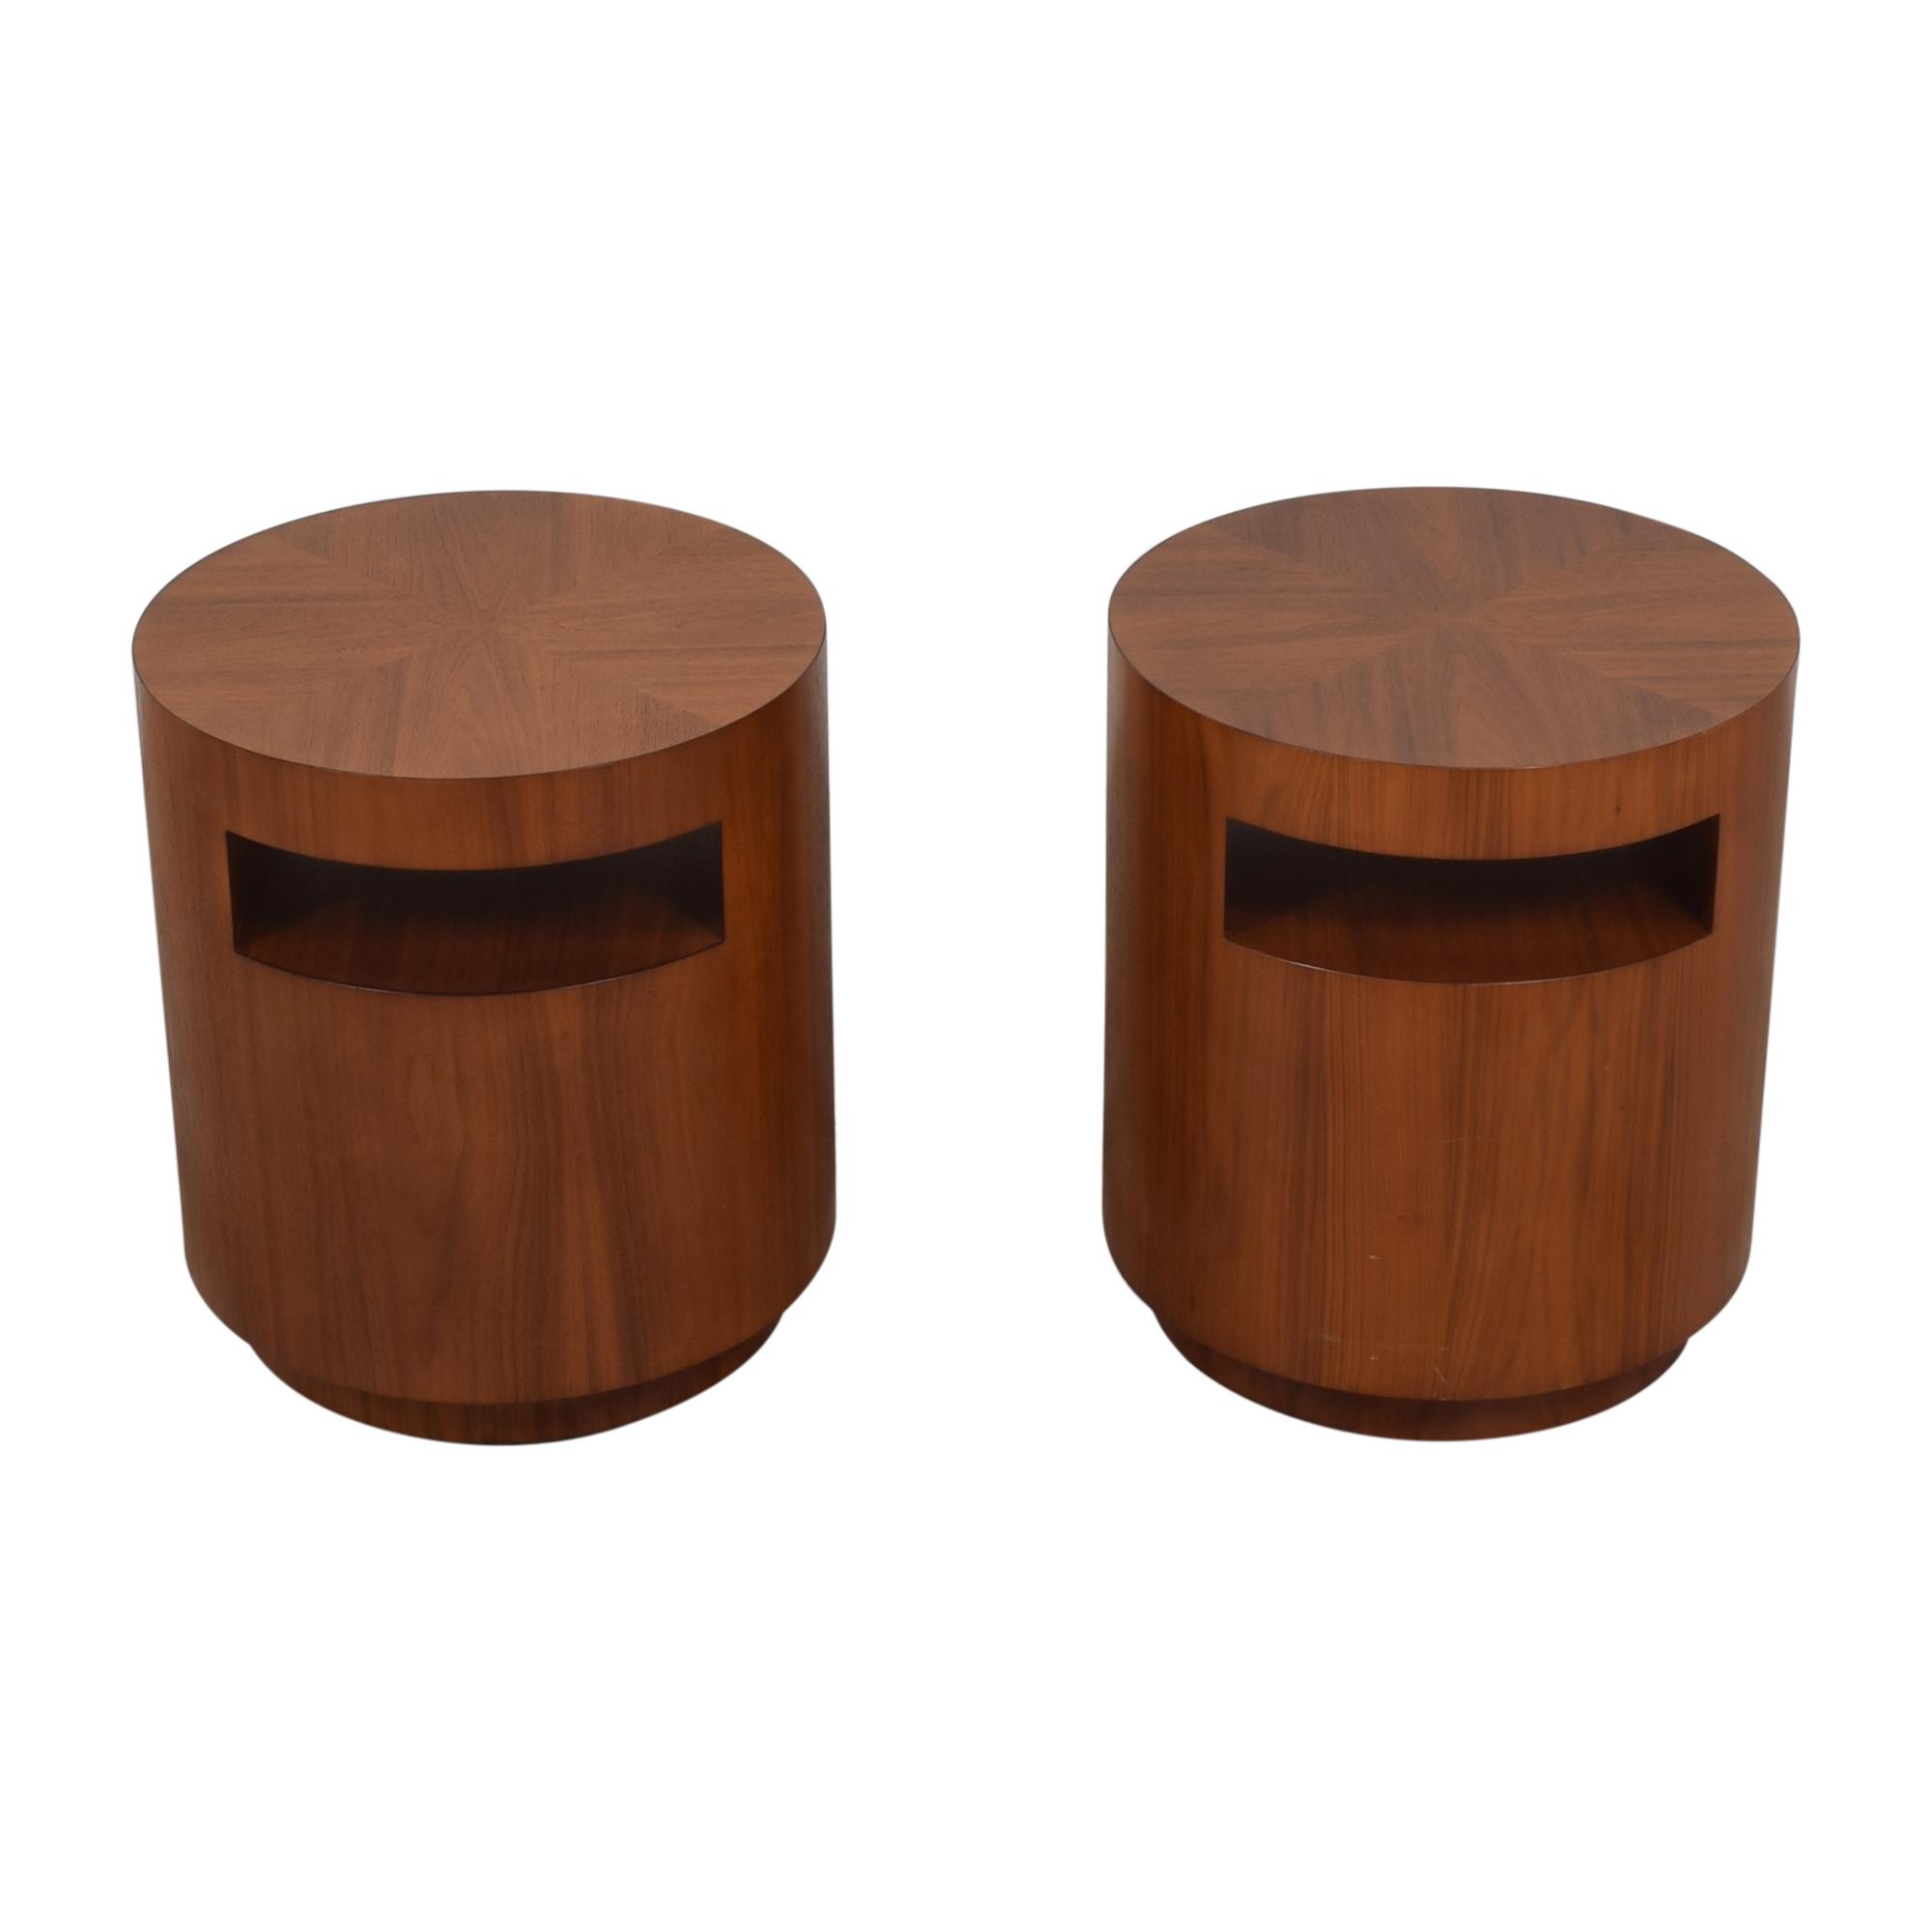 Crate & Barrel Crate & Barrel Tambe End Tables Tables